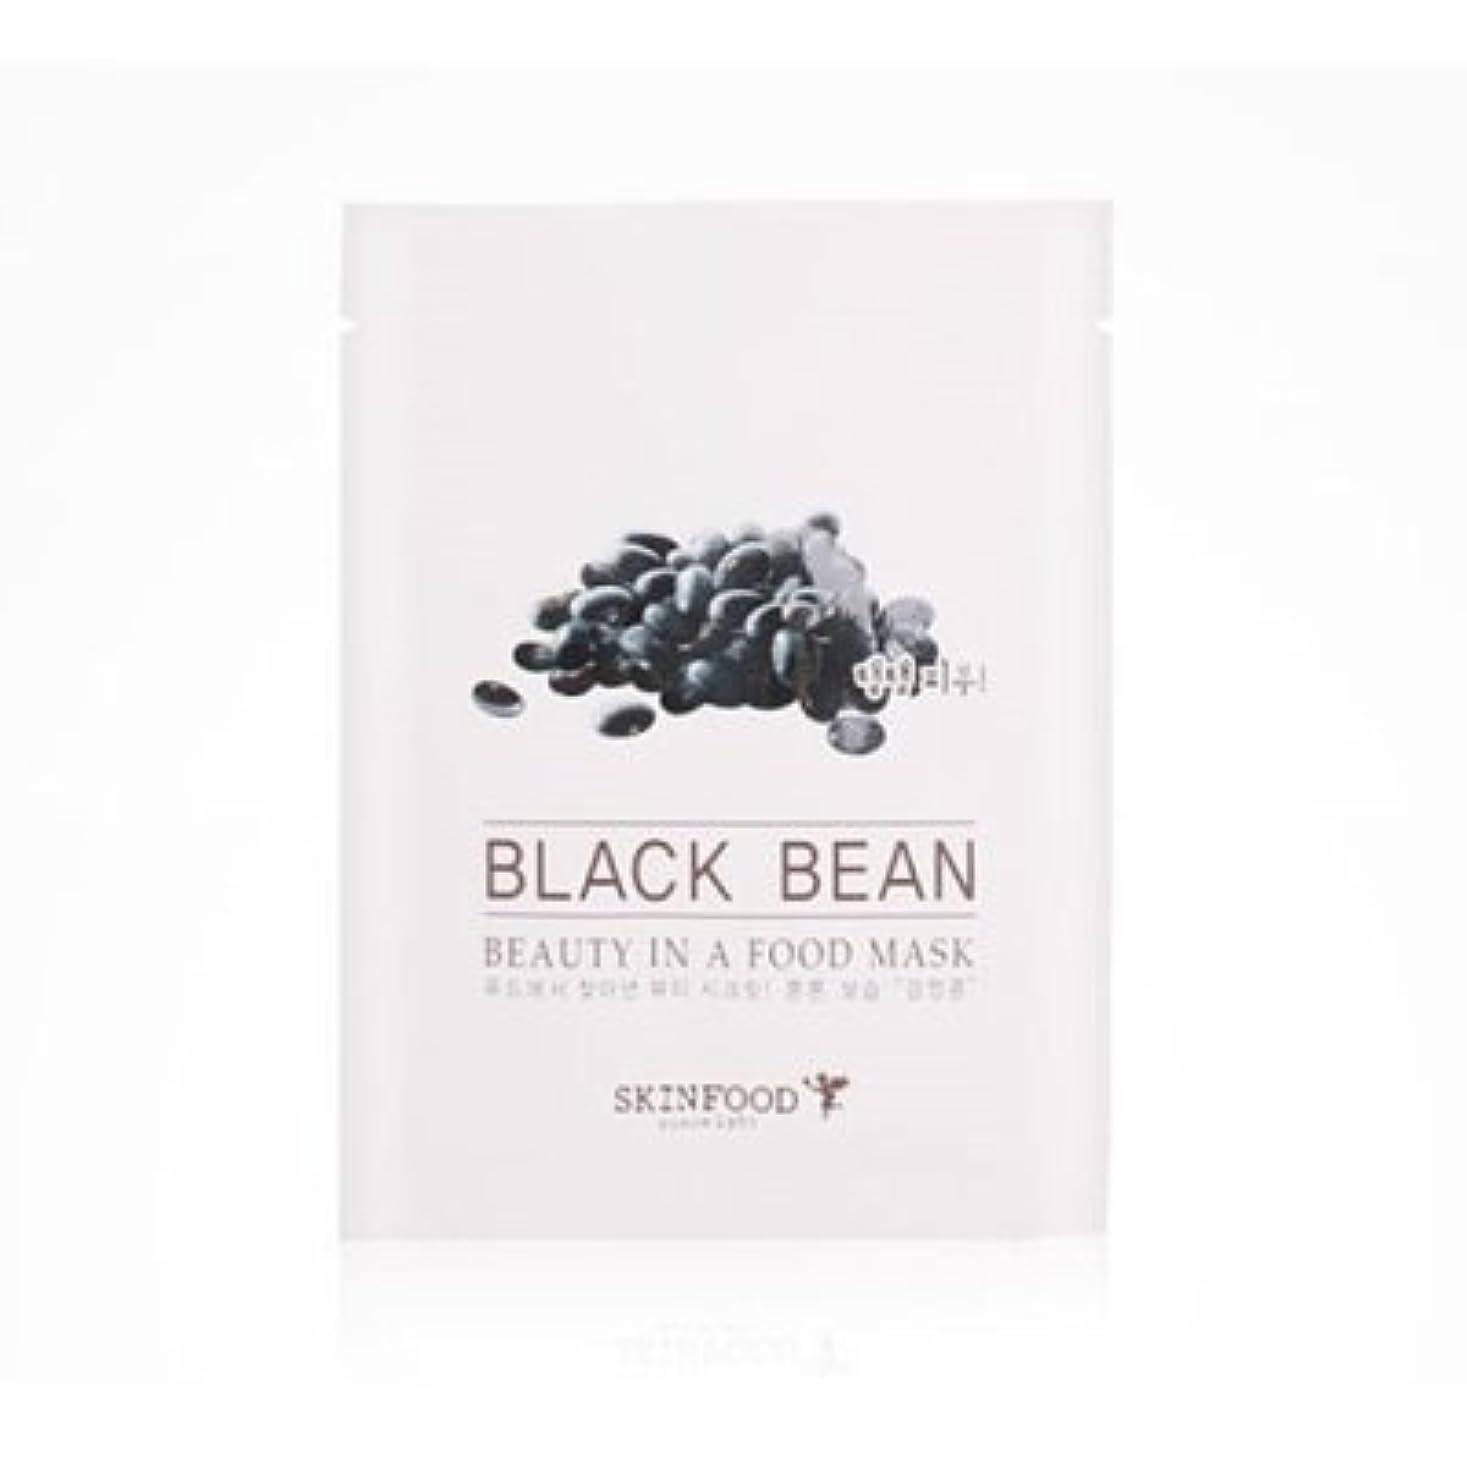 チャーミング捧げる回想SKINFOOD Beauty in a Food Mask Sheet 5EA (BLACK BEAN) / スキンフード ビューティー イン ア フード マスクシート [並行輸入品]